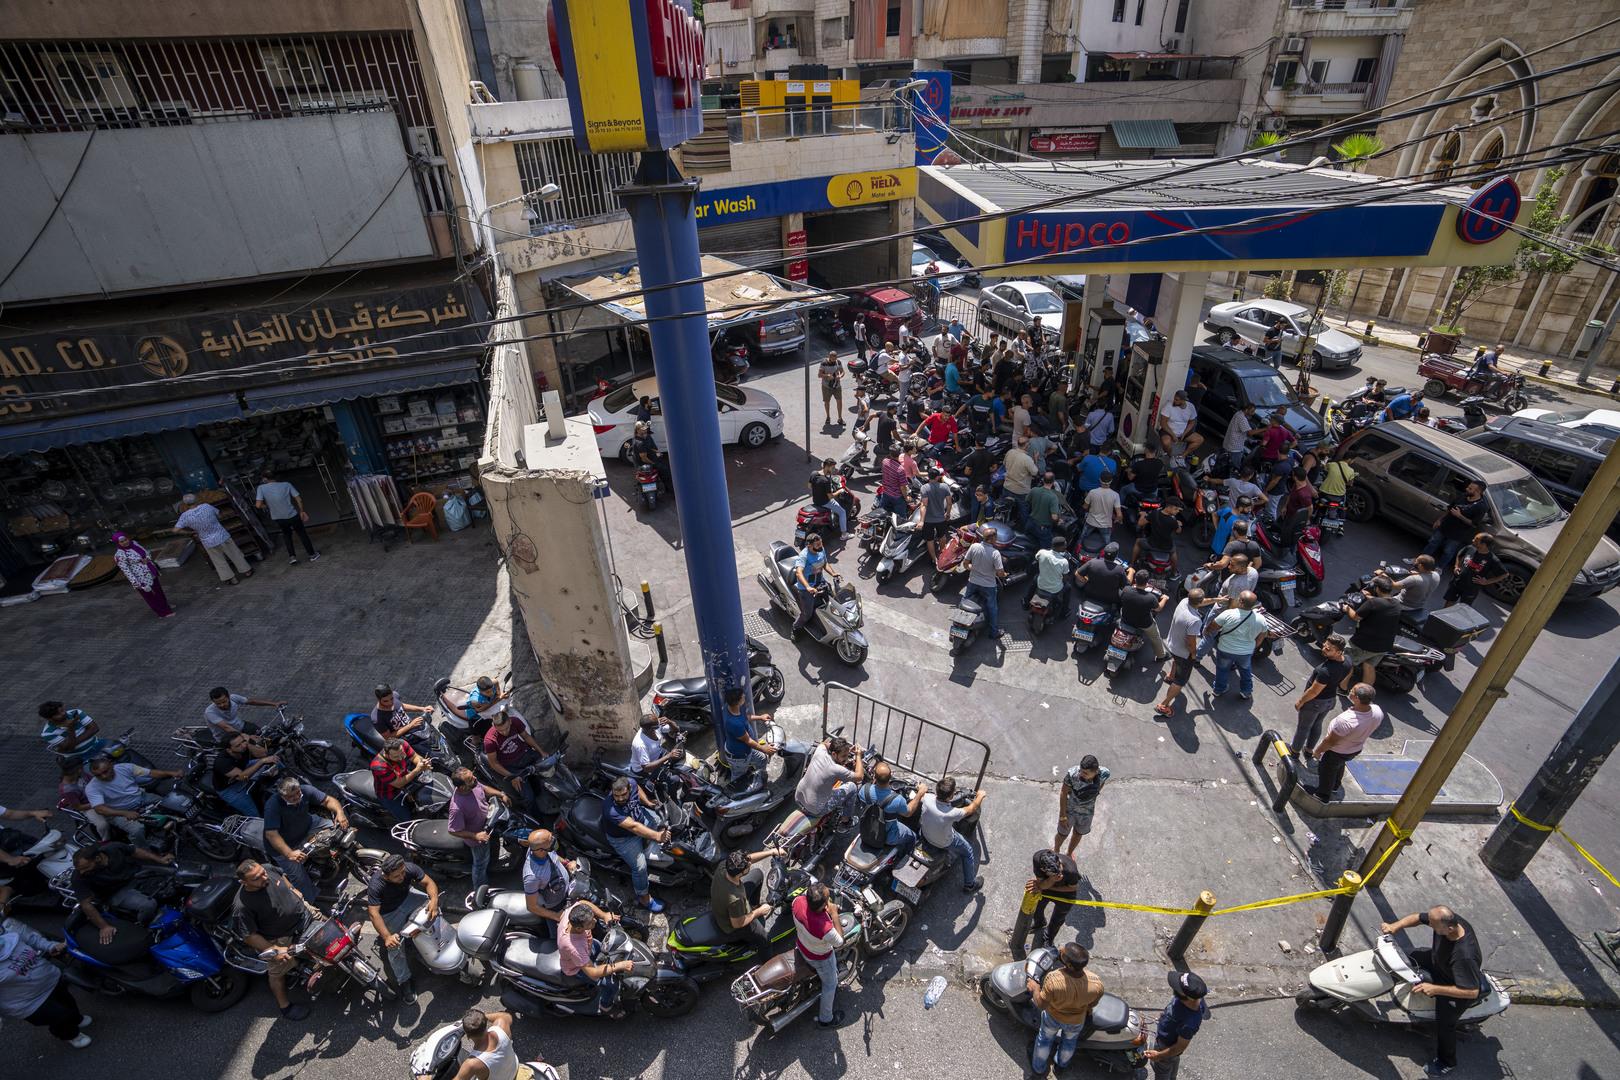 خبير اقتصادي يتحدث لـRT حول قرار رفع أسعار الوقود في لبنان: ننتظر